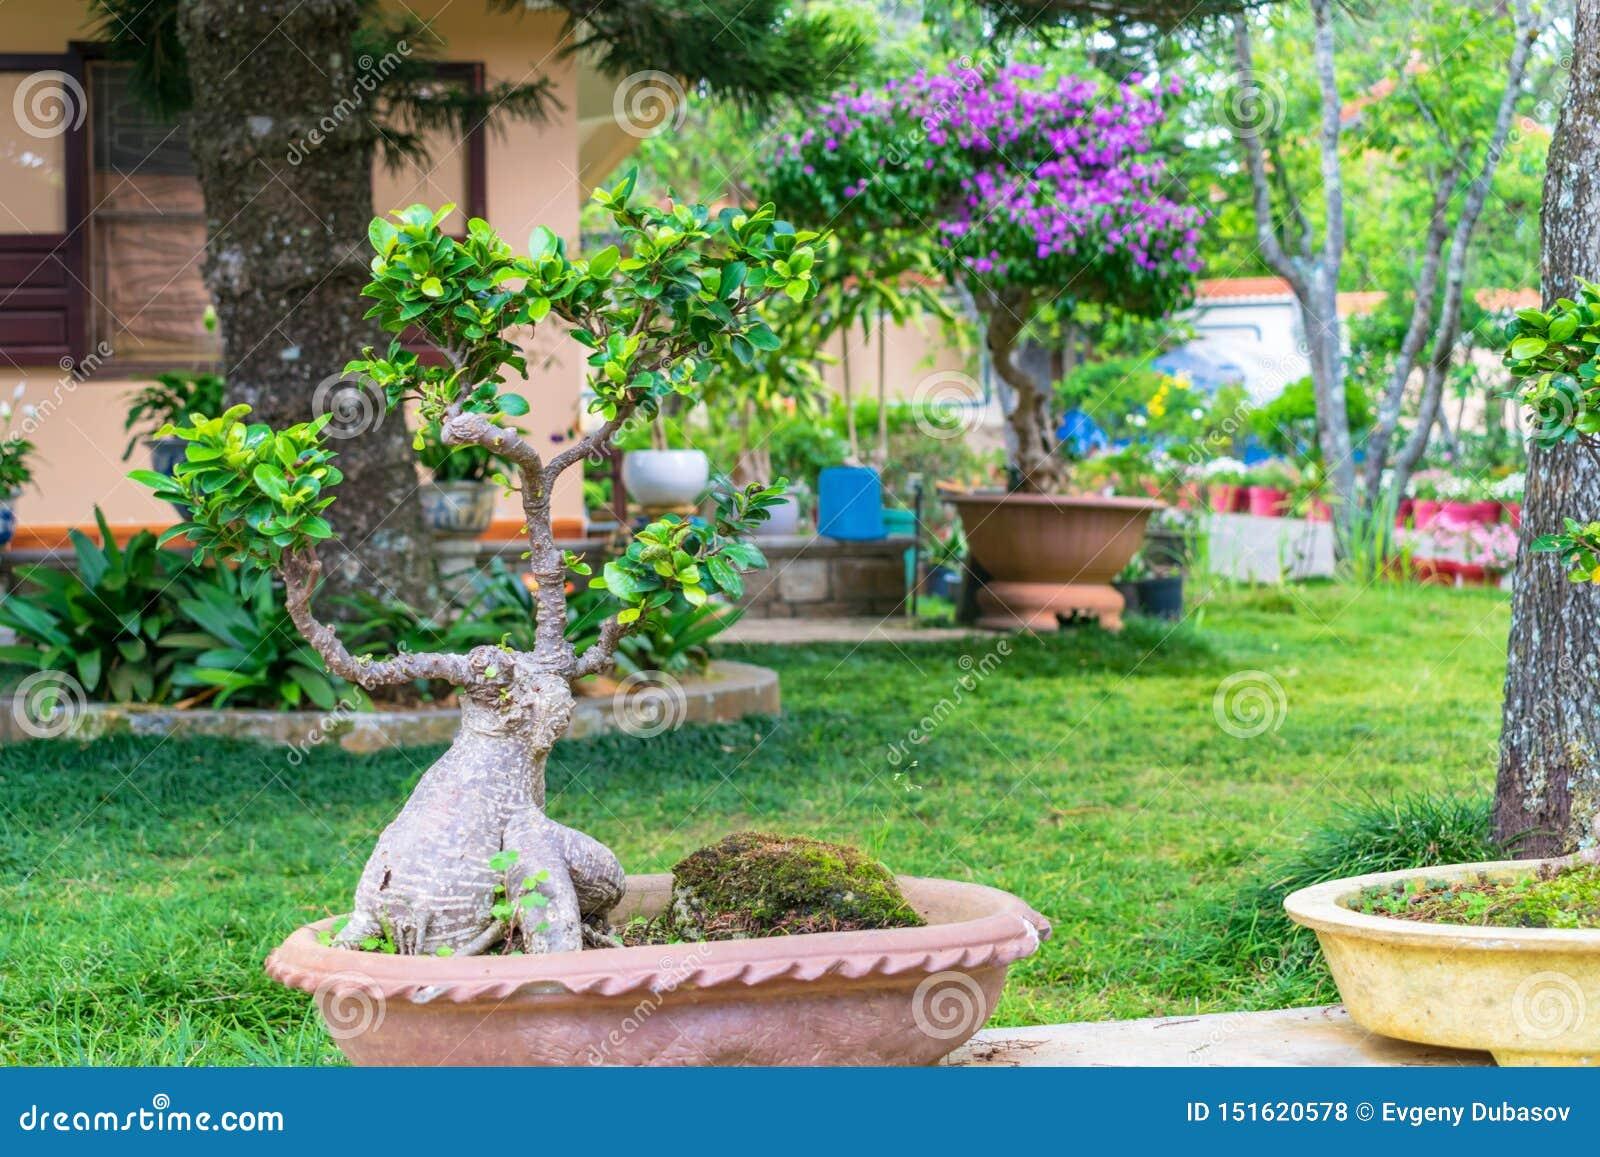 Petit arbre d ikebana dans un pot avec un tronc étonnant en parc